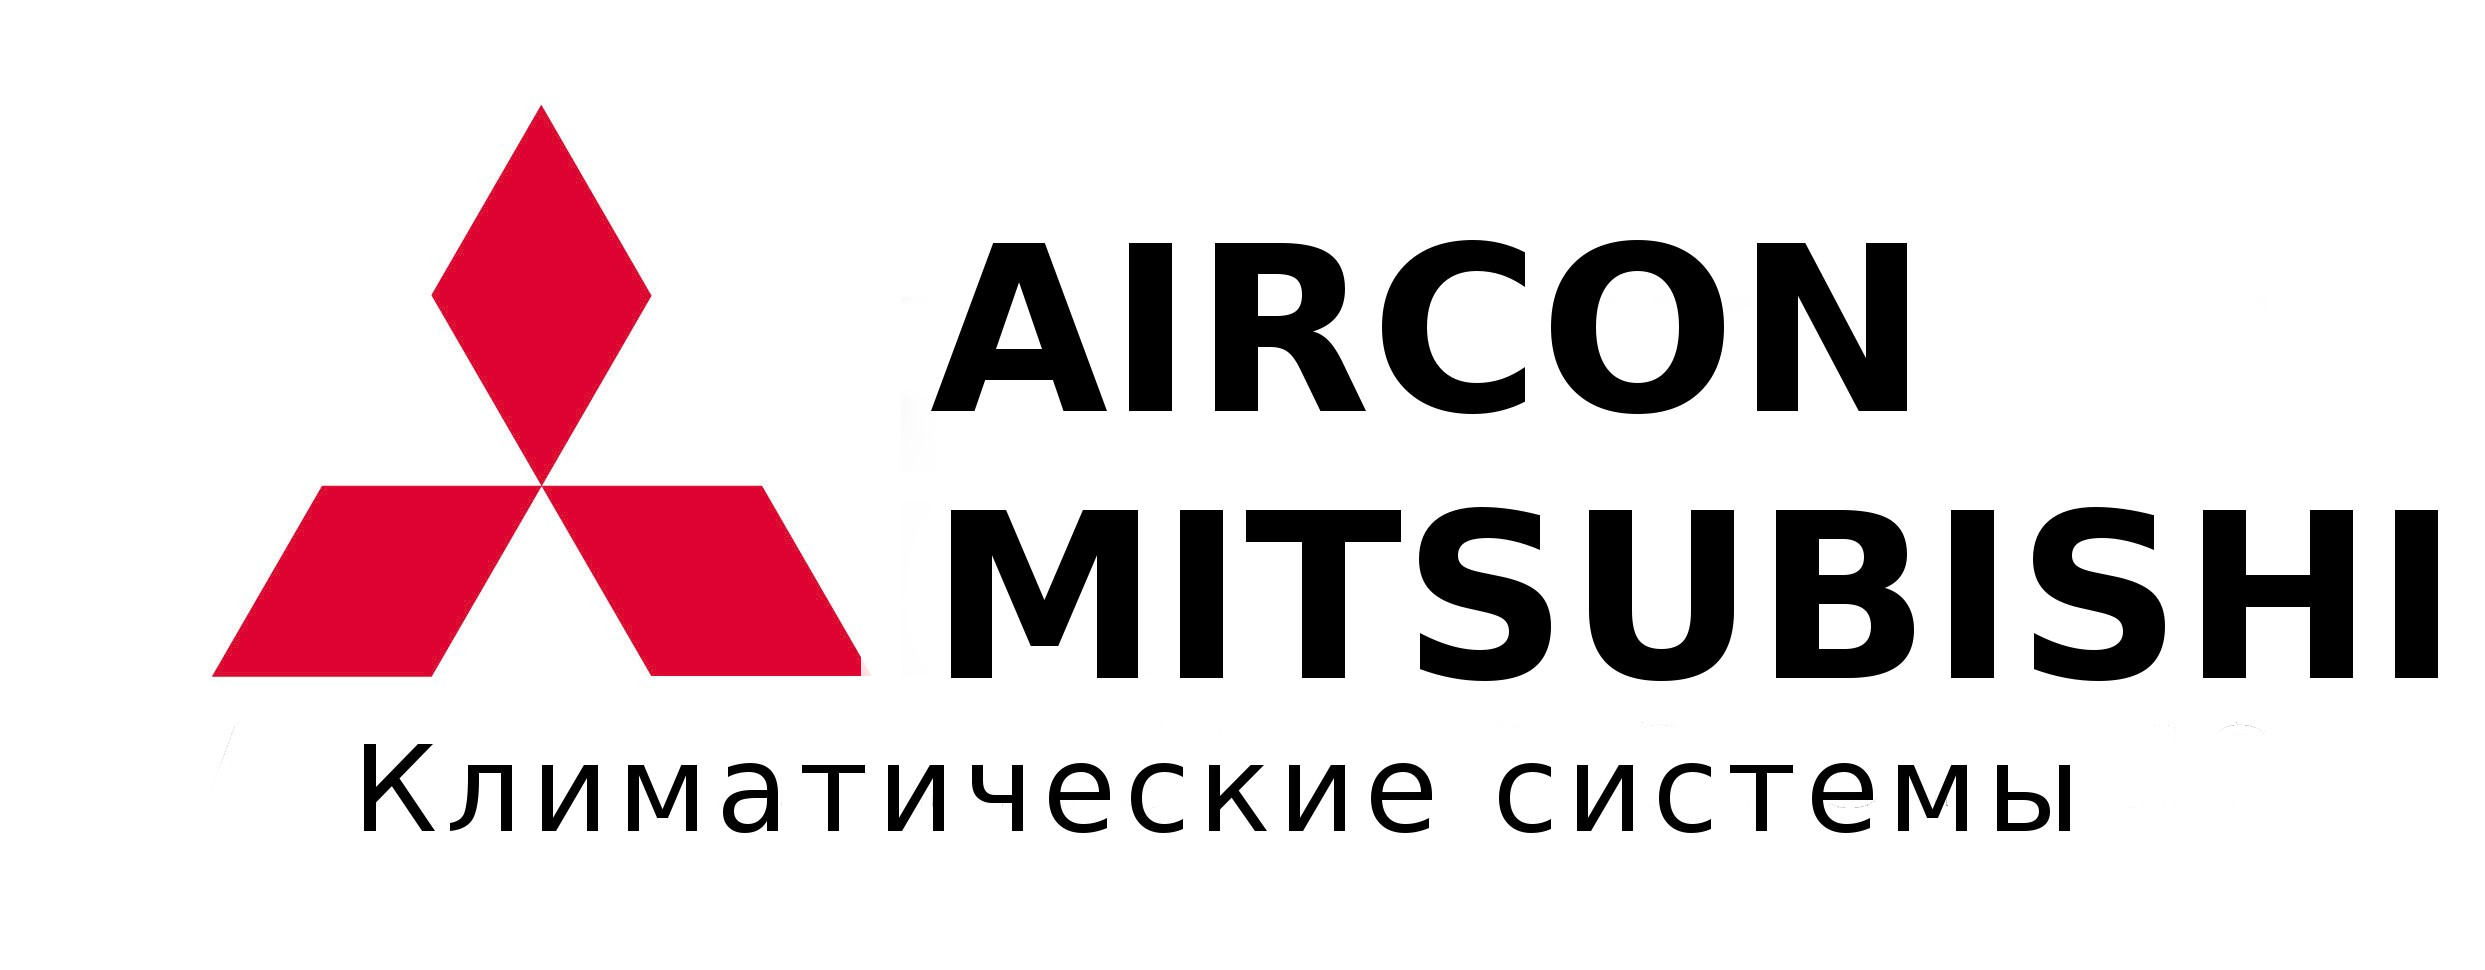 Климатические системы Mitsubishi (Митсубиси) Electric